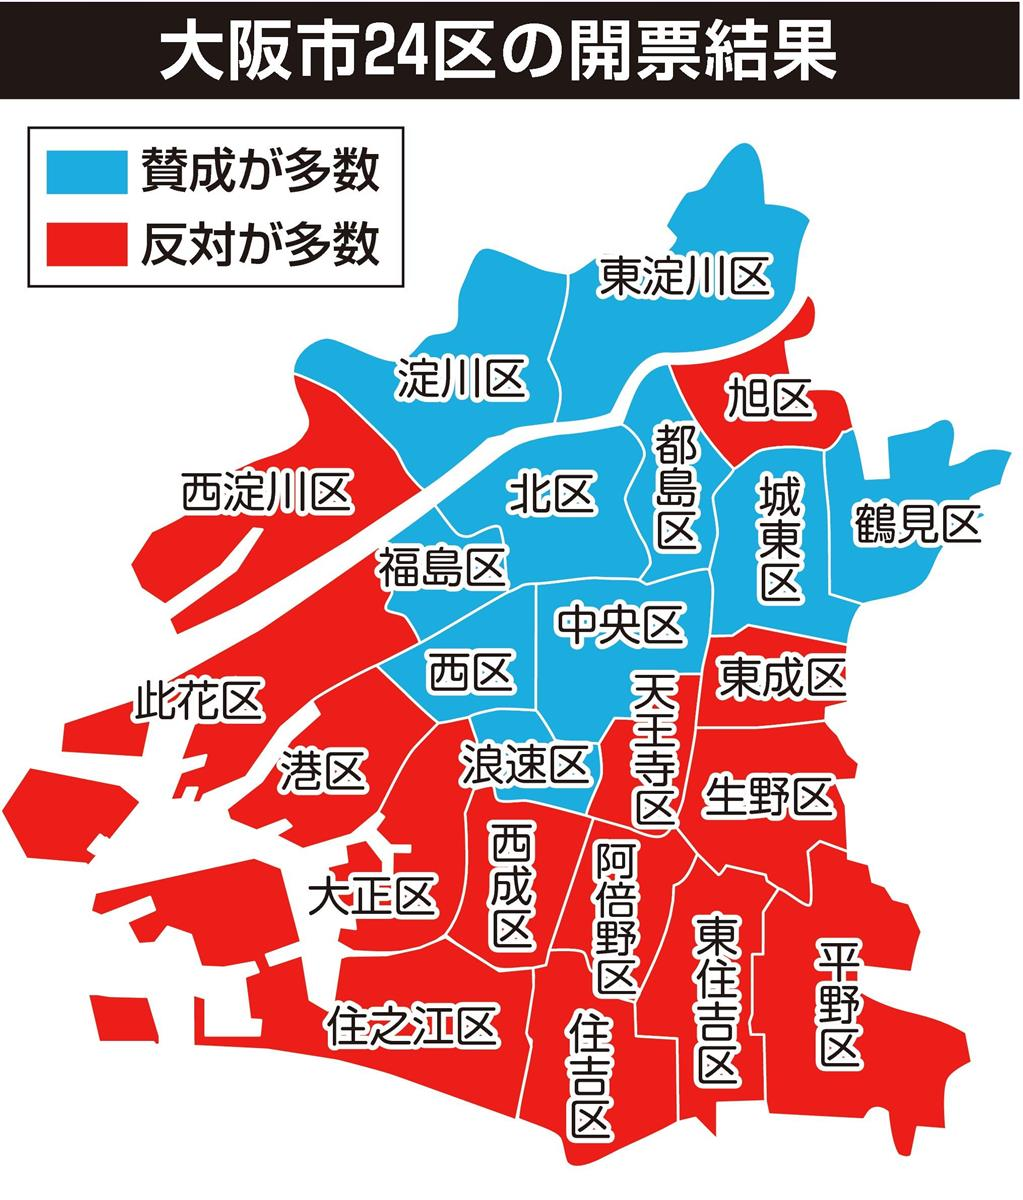 【大阪都構想】松井市長引退表明、次期衆院選の党勢にも影響 - 産経ニュース